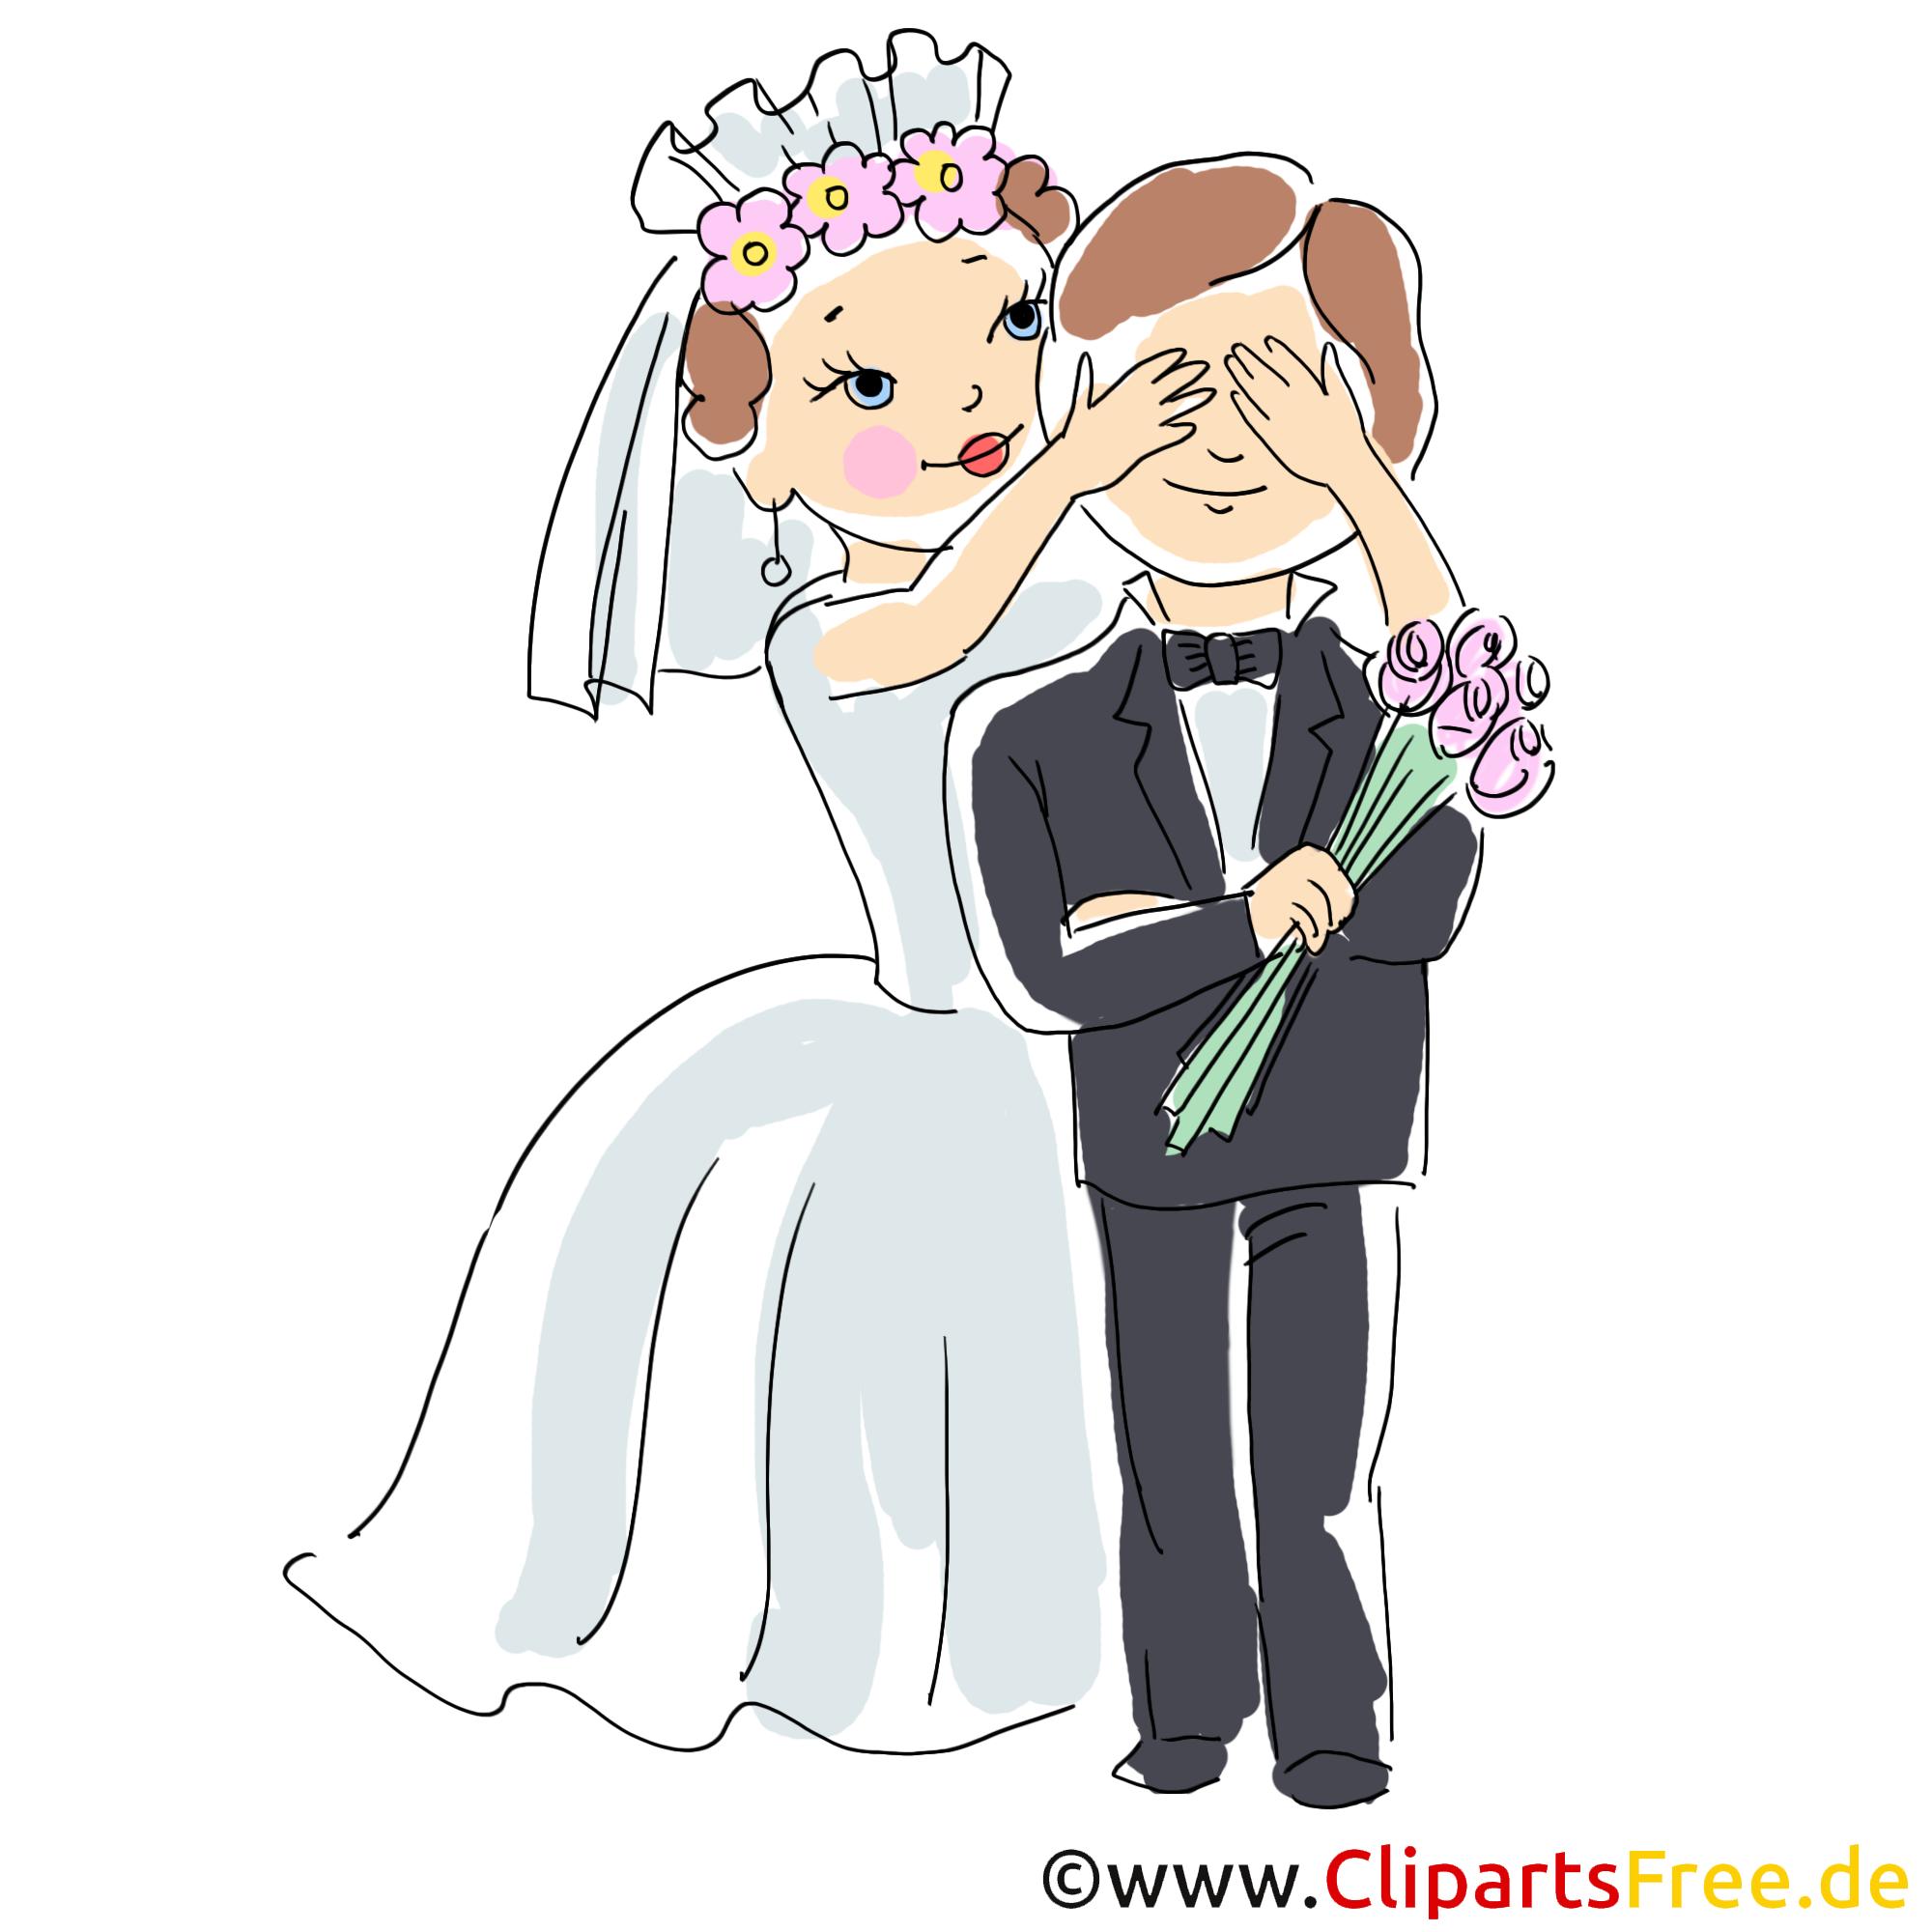 Karten zur Hochzeit gestalten mit Clipart - Braut macht Auges des Bräutigams zu